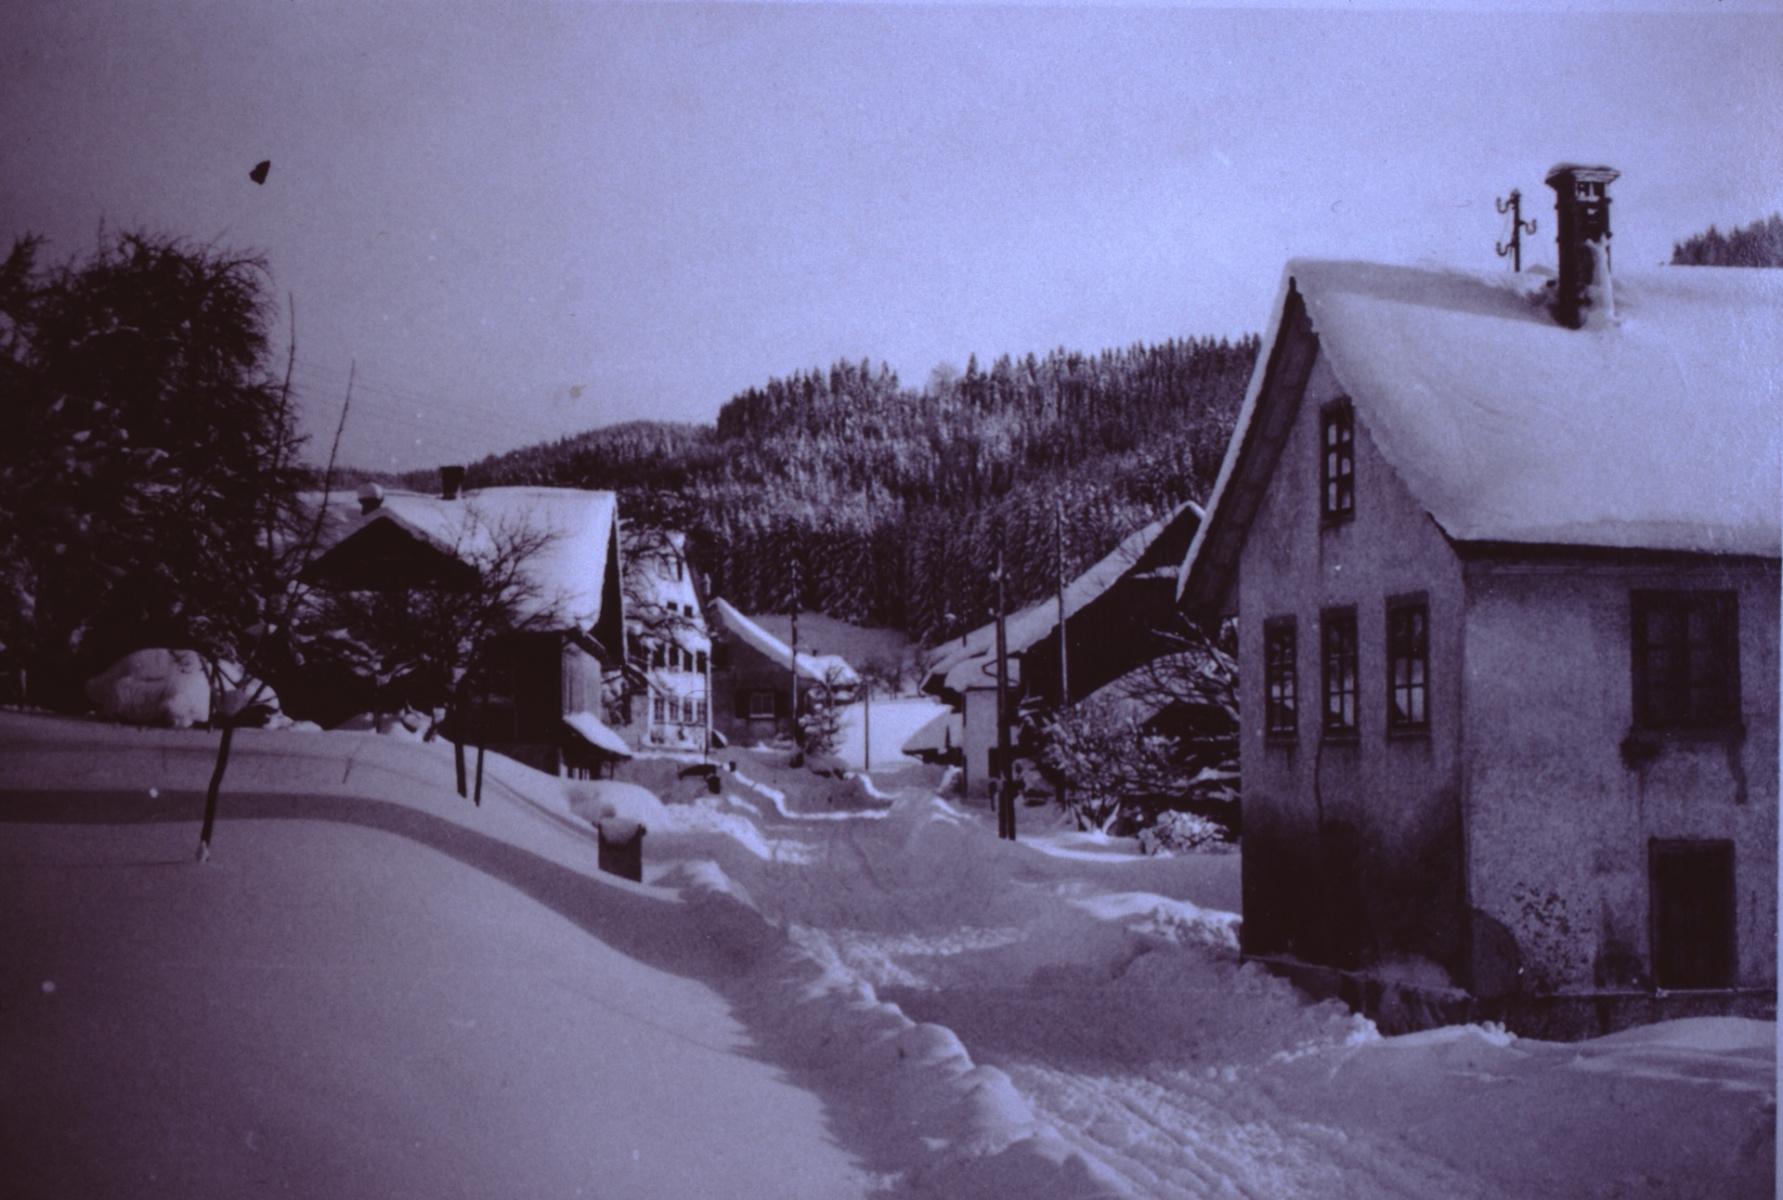 Dörfchen im Schnee